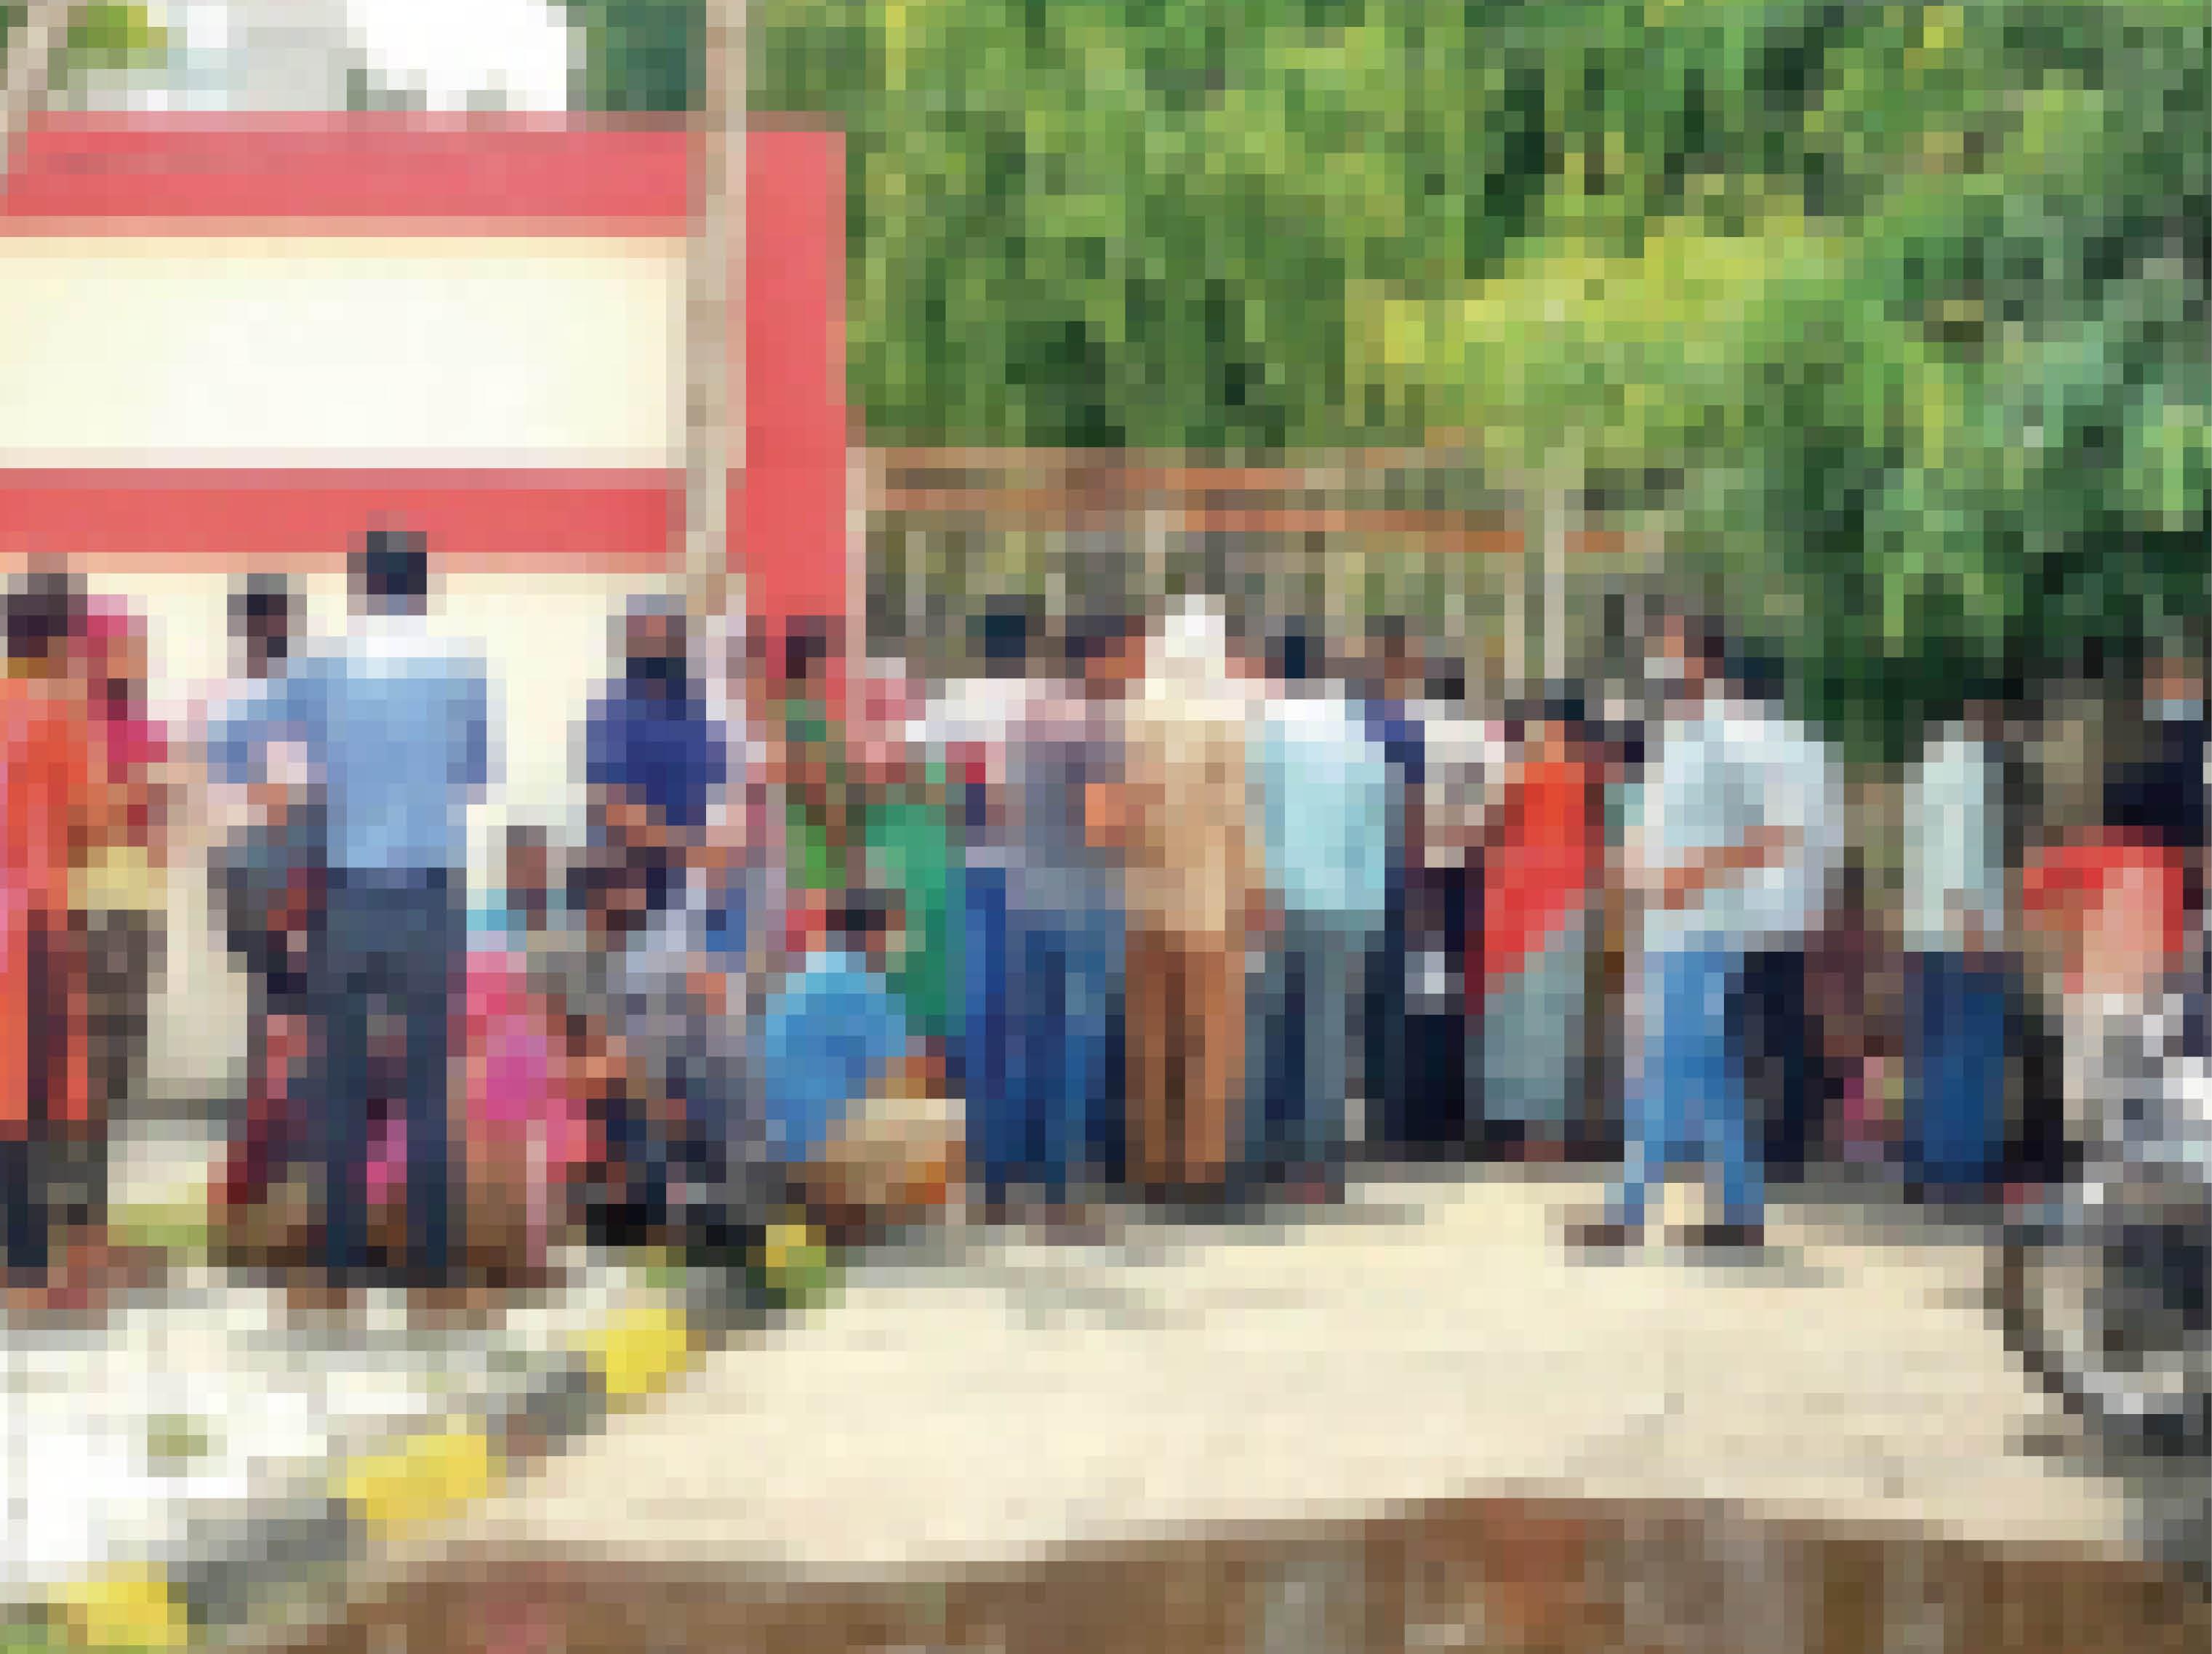 प्रेस कॉम्प्लेक्स स्थित एक वैक्सीनेशन सेंटर में दोपहर तक कतार लगी रही। - Dainik Bhaskar